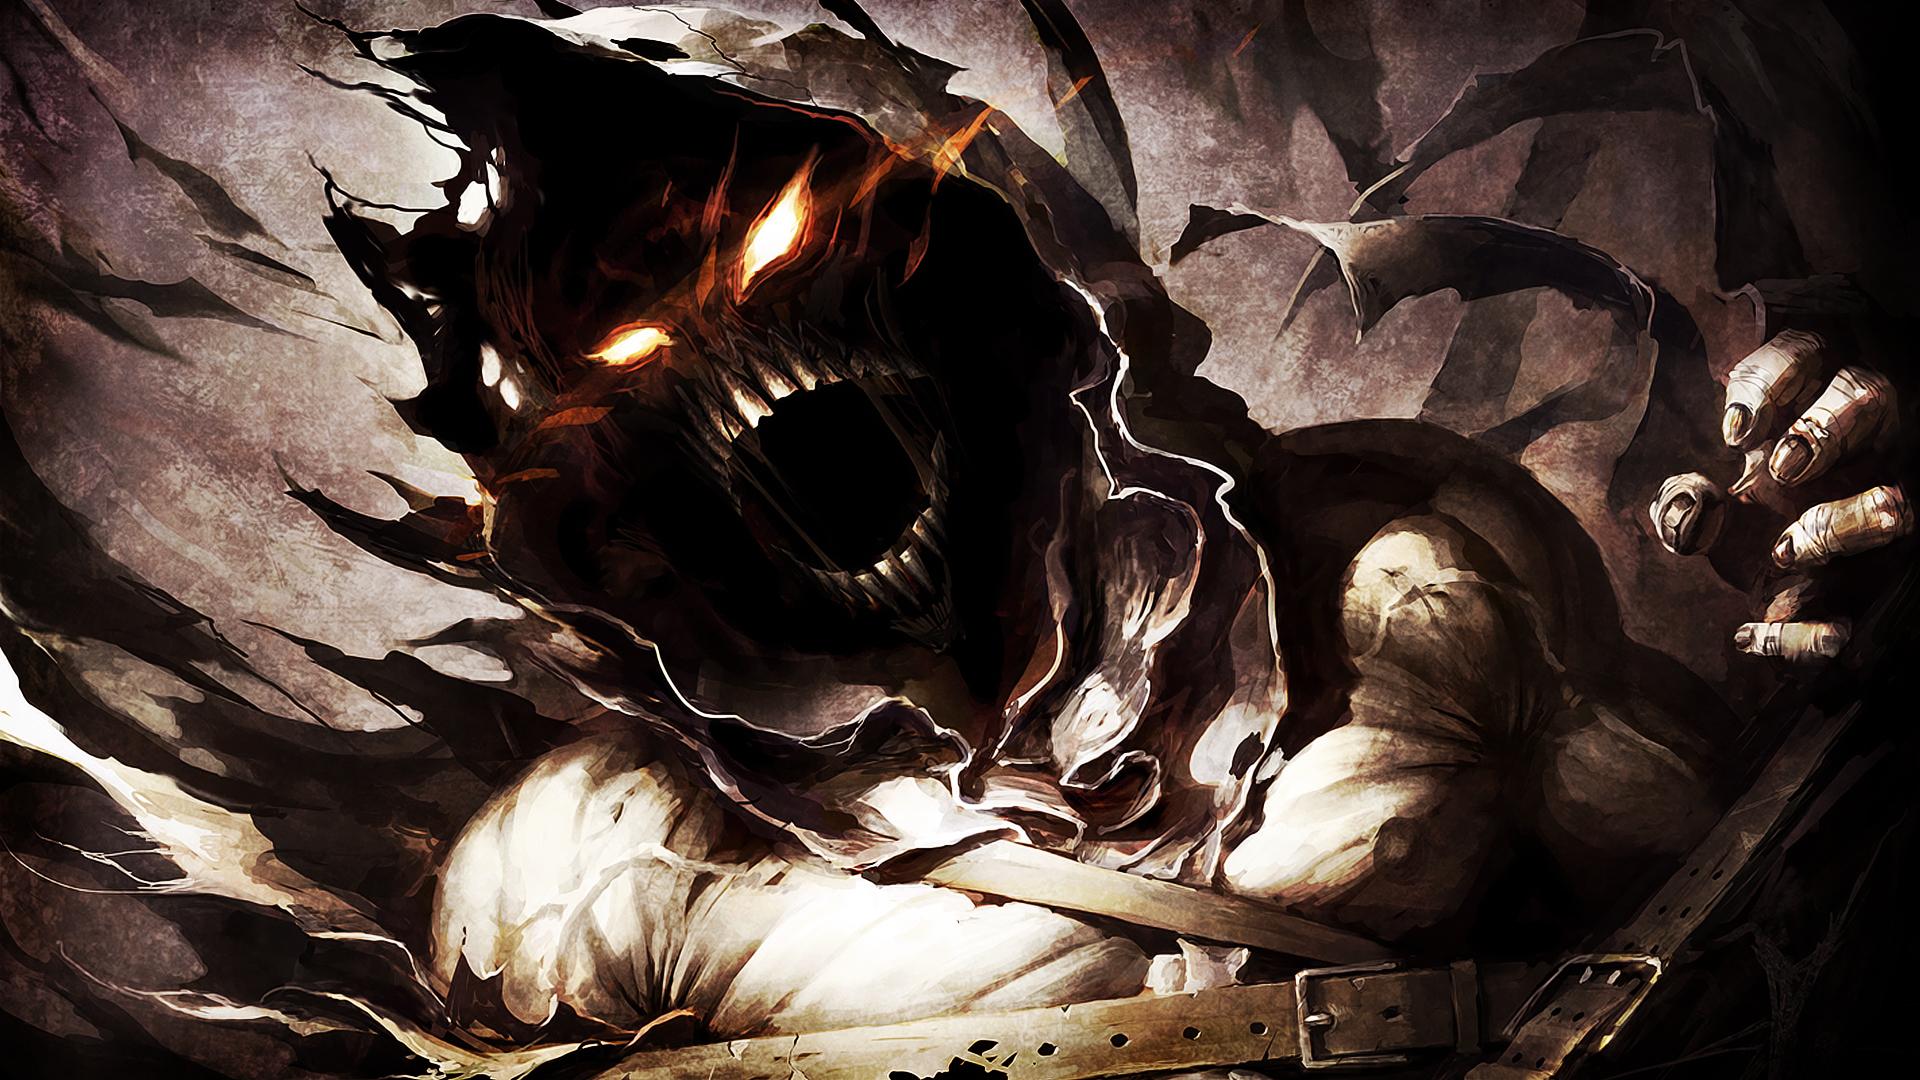 Evil Demons